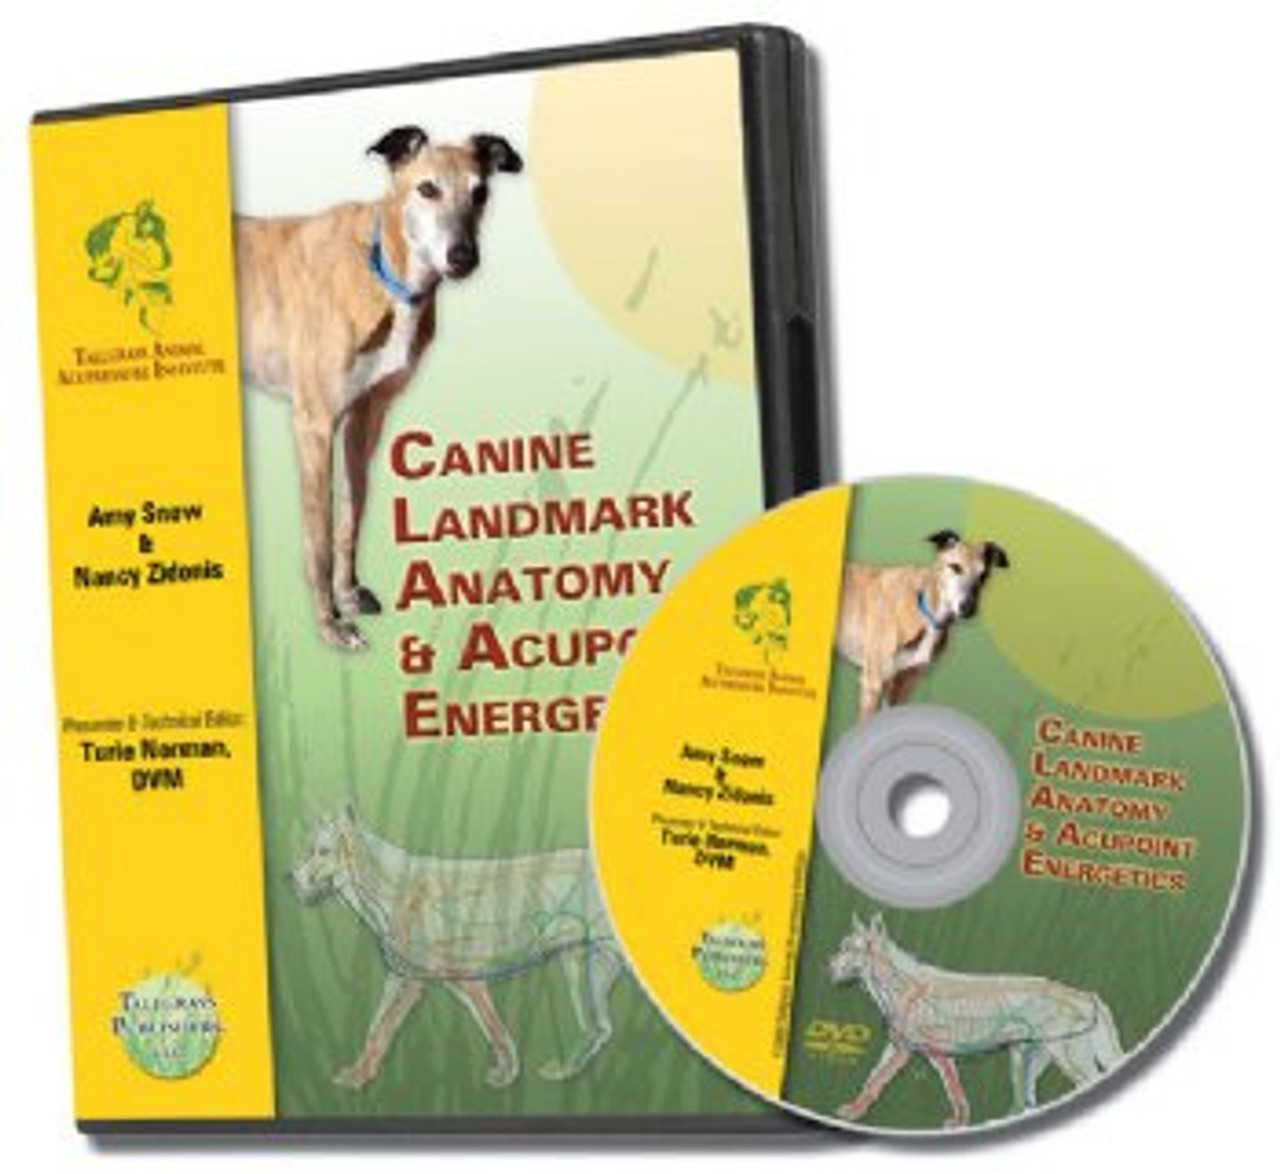 Canine Acupoint Energetics & Landmark Anatomy - DVD